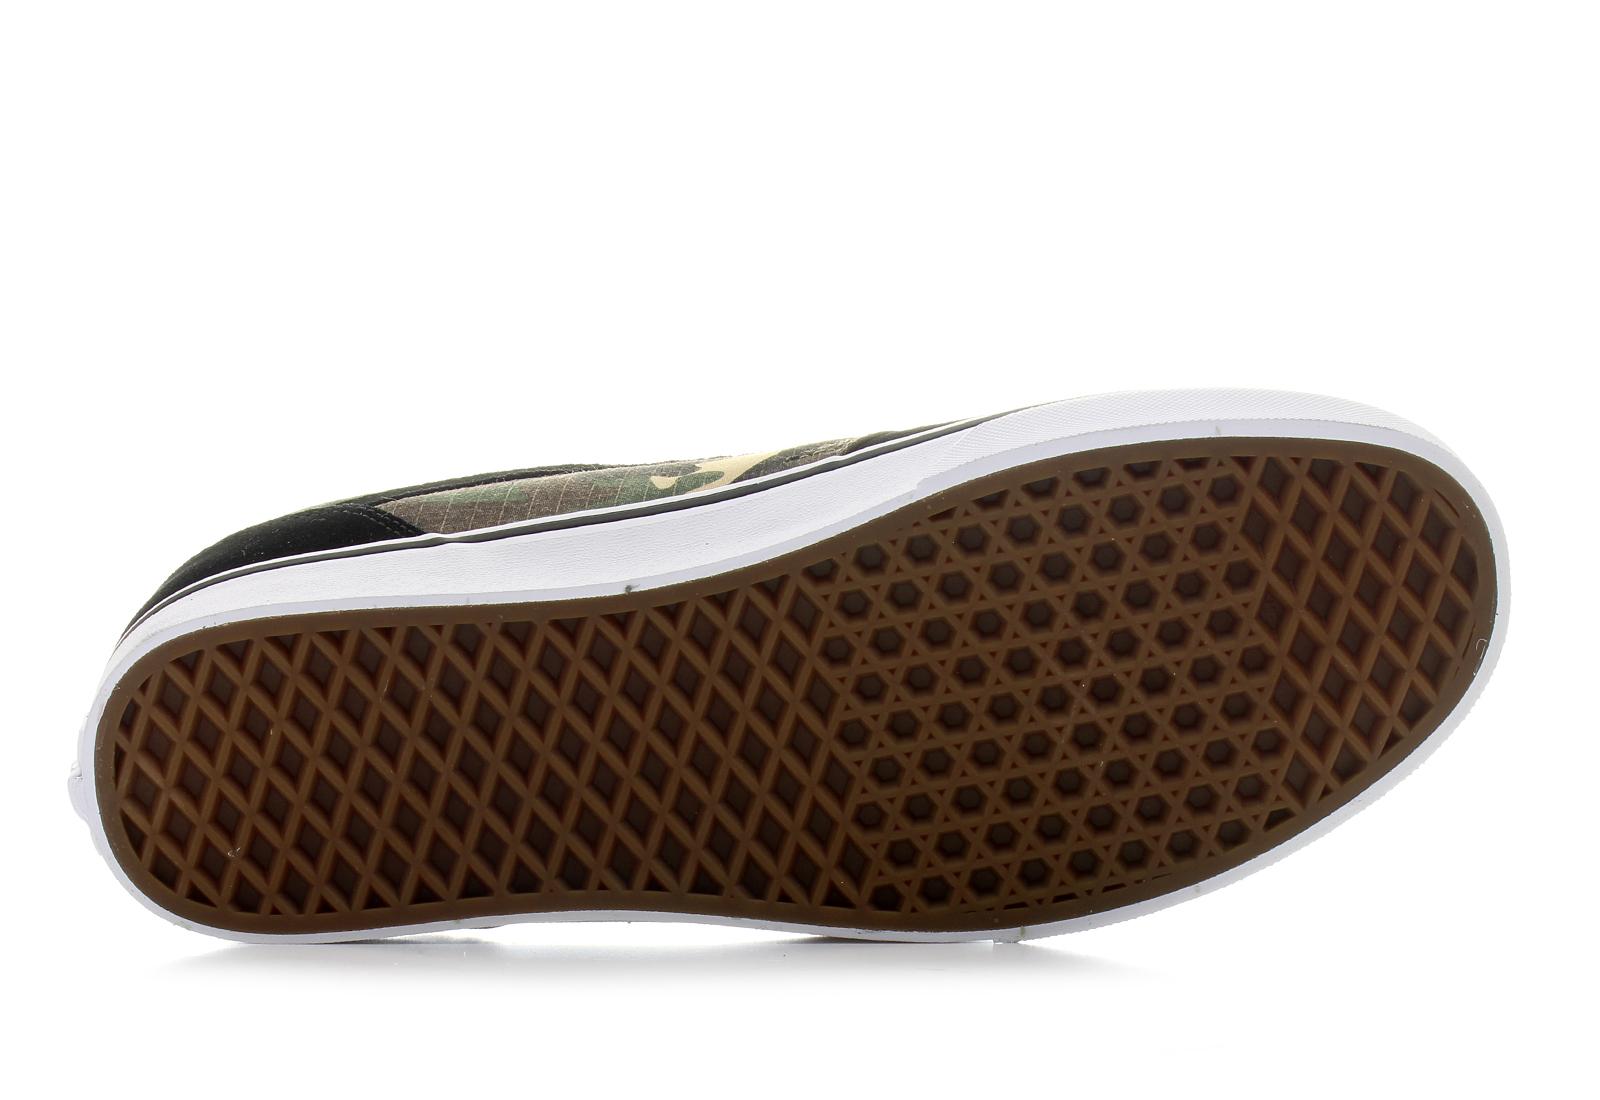 c7a5021724079e Vans Sneakers - Chapman Stripe - VA38CBMFV - Online shop for ...